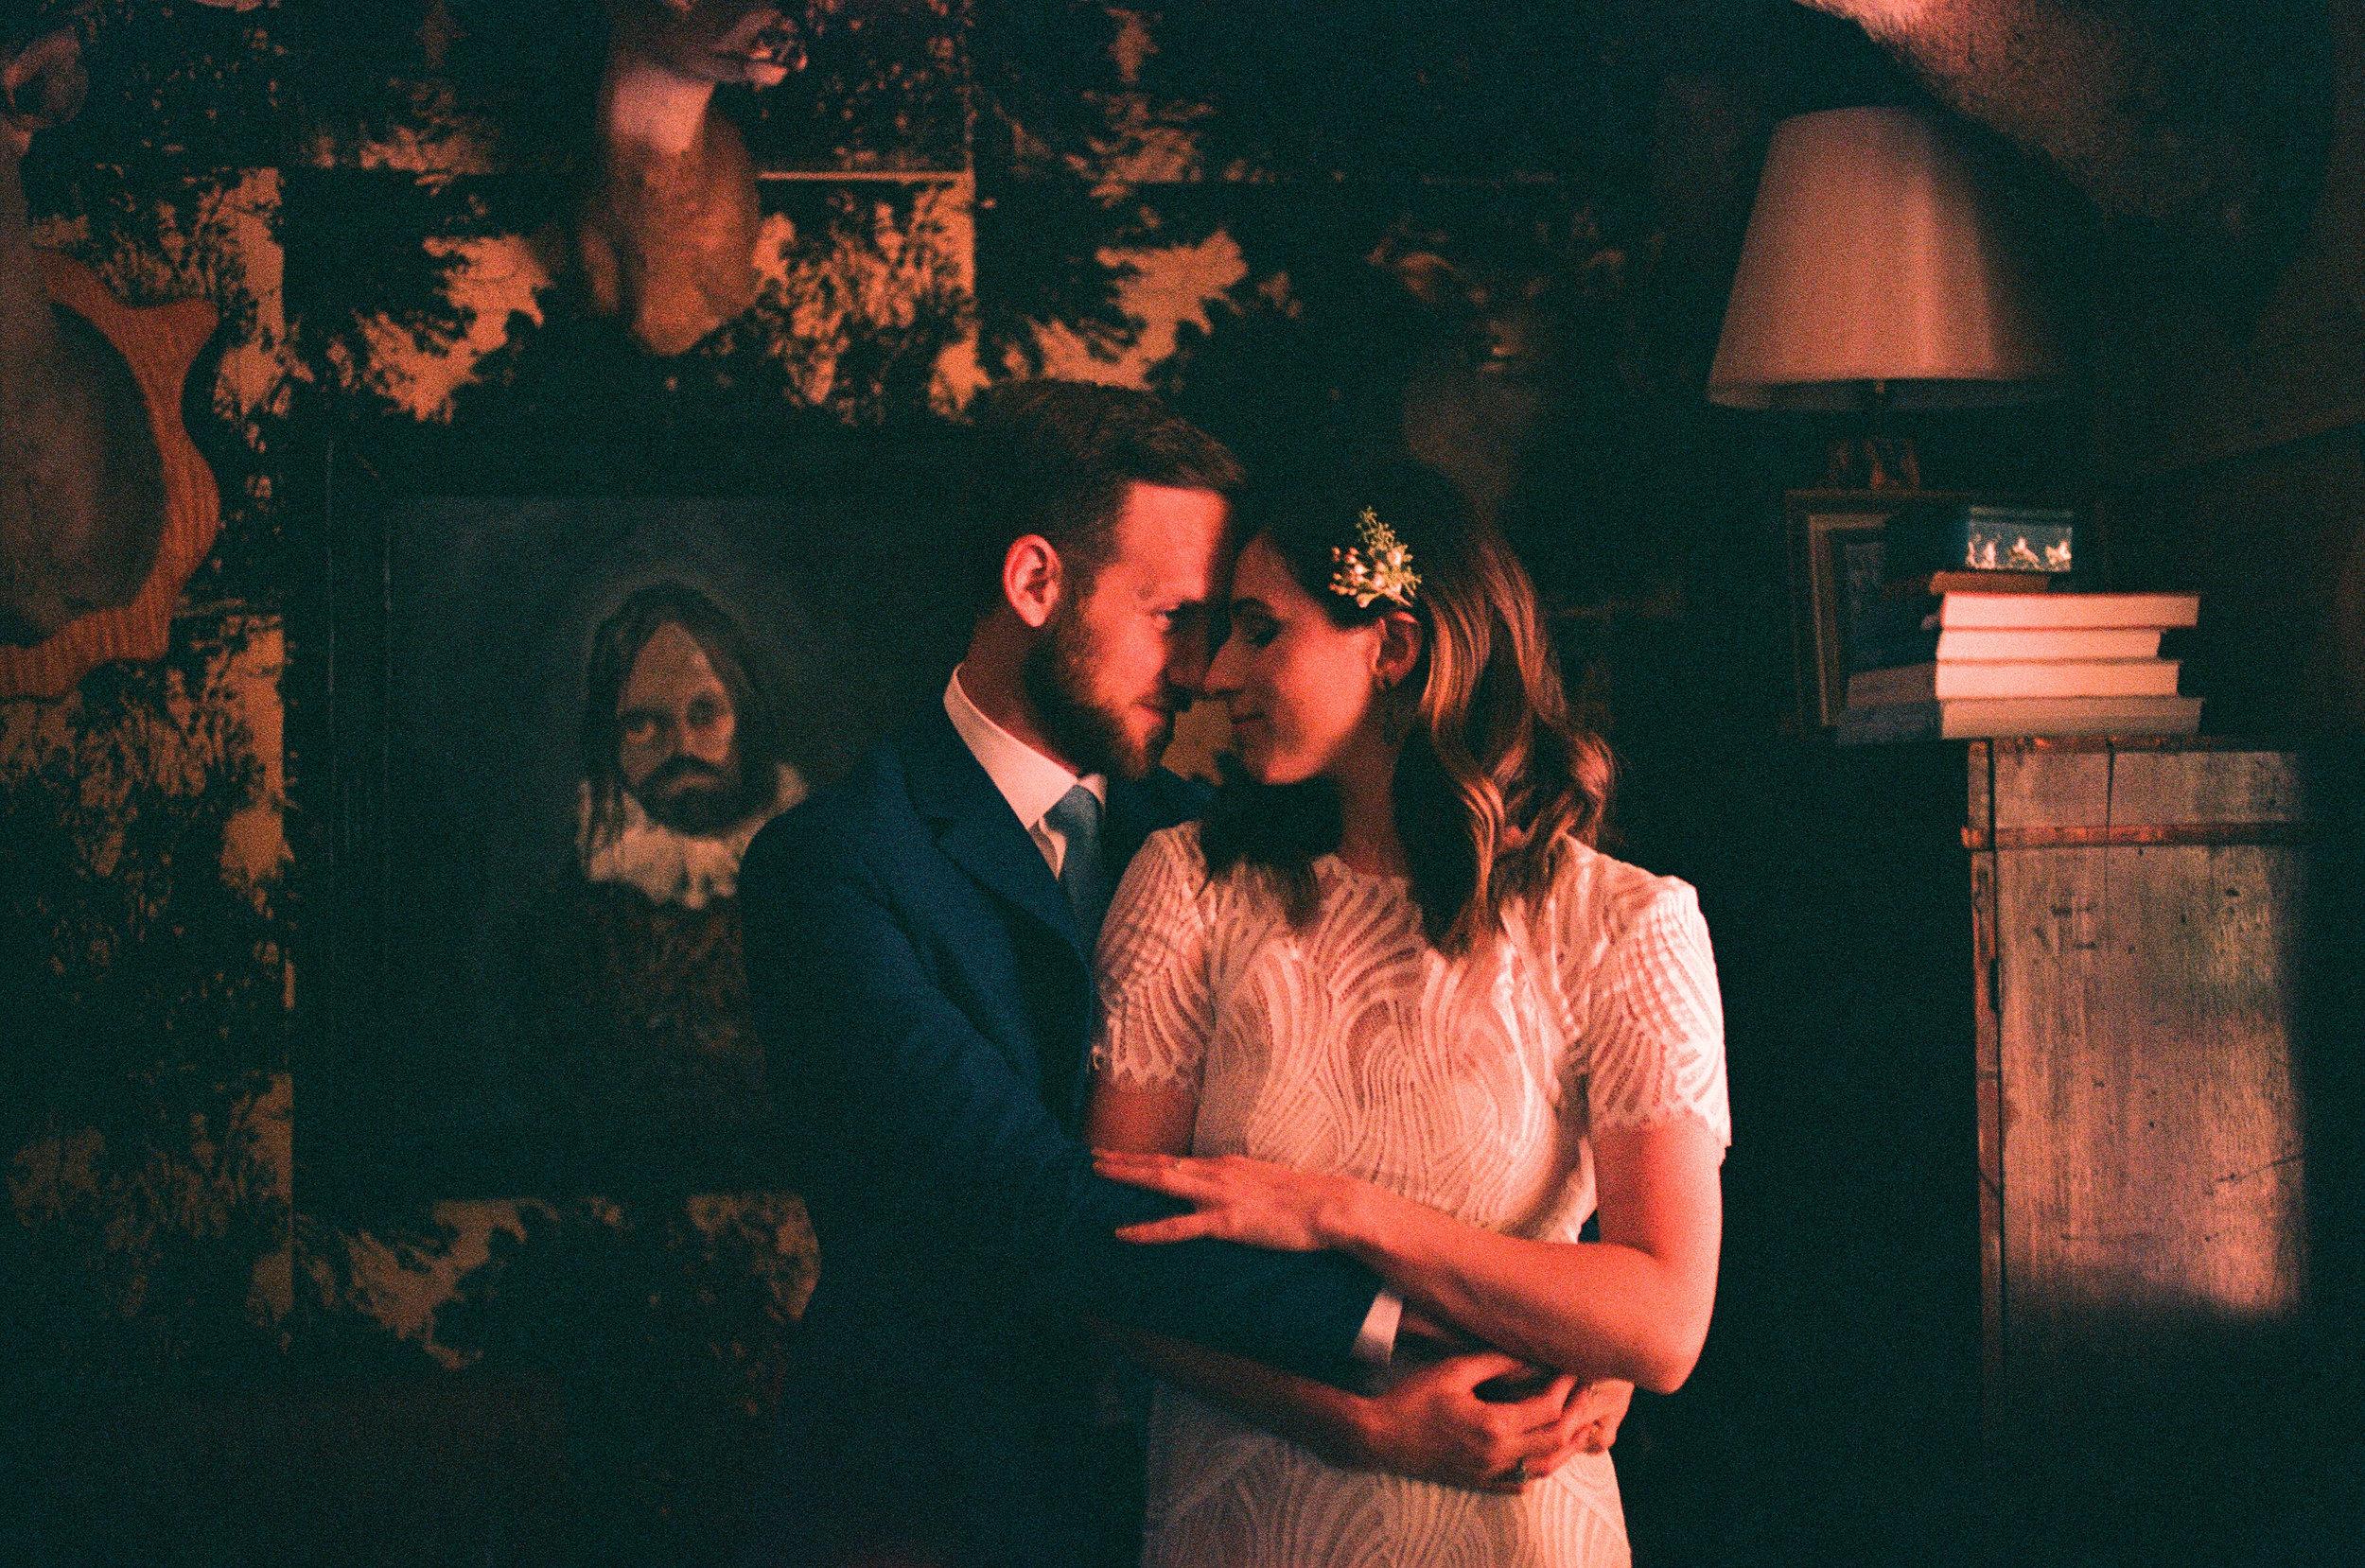 mapleshade_farm_wedding_35mm-4003.jpg